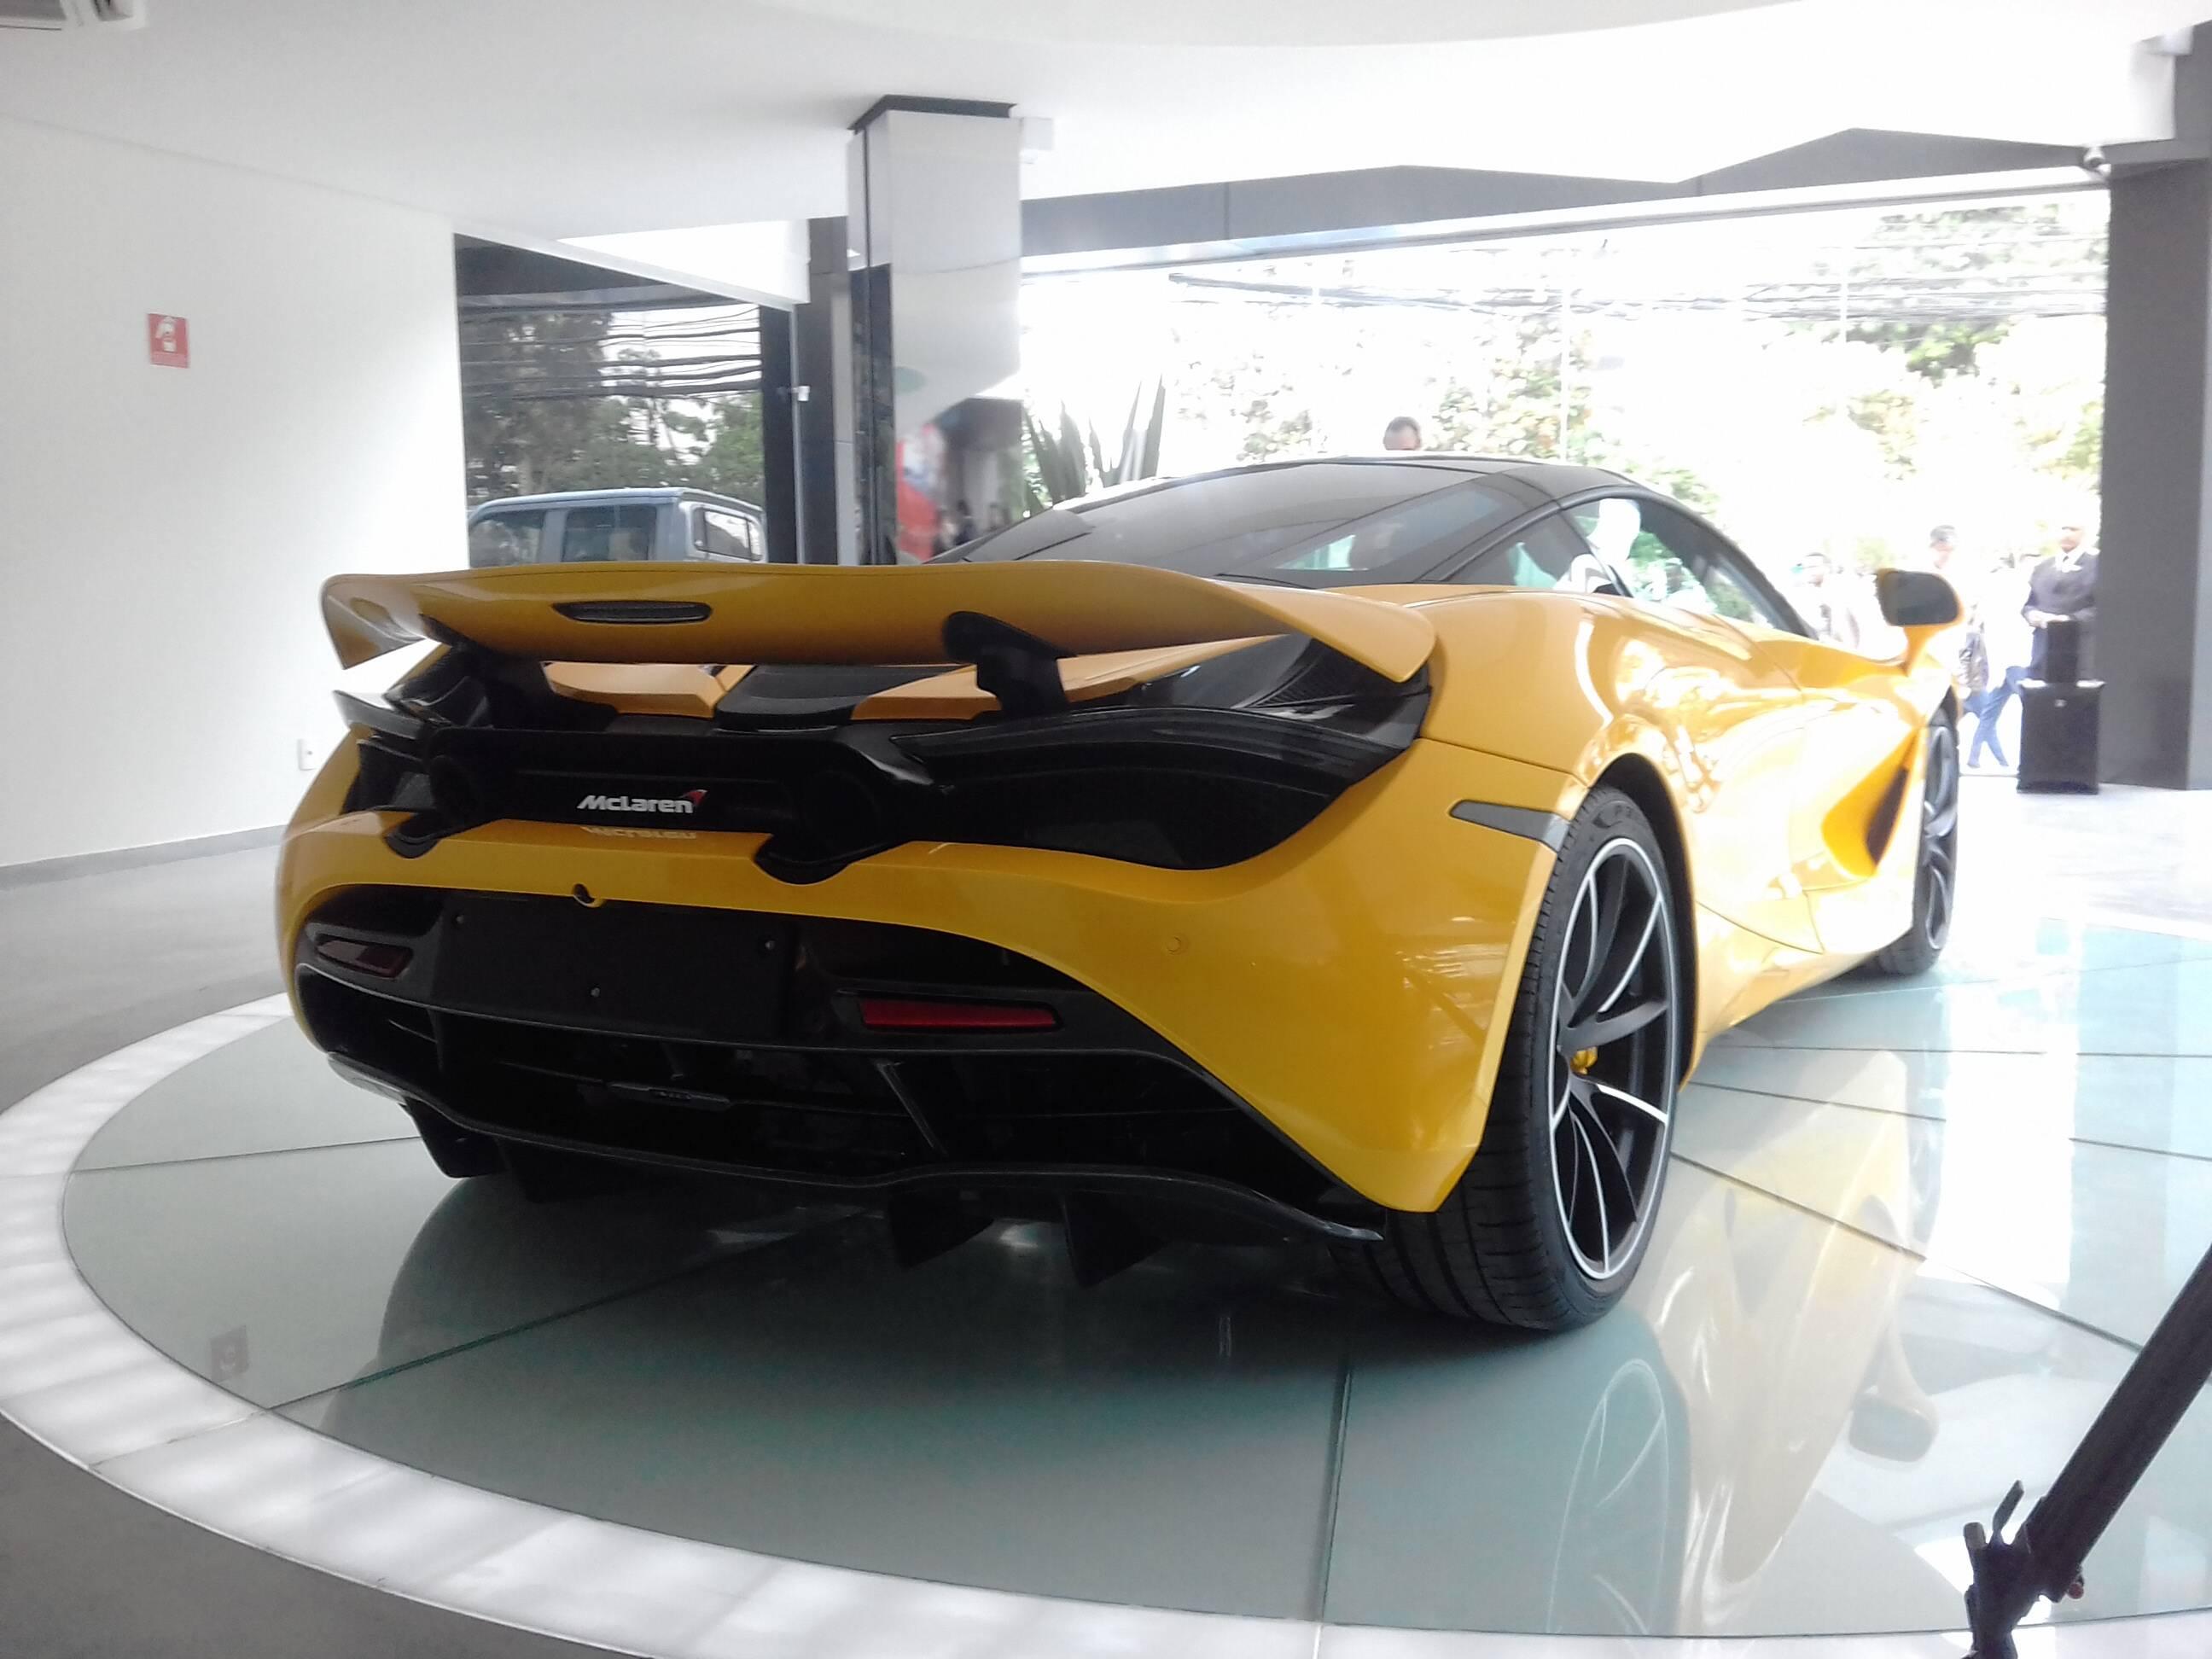 McLaren 720S. Foto: Carlos Guimarães/iG